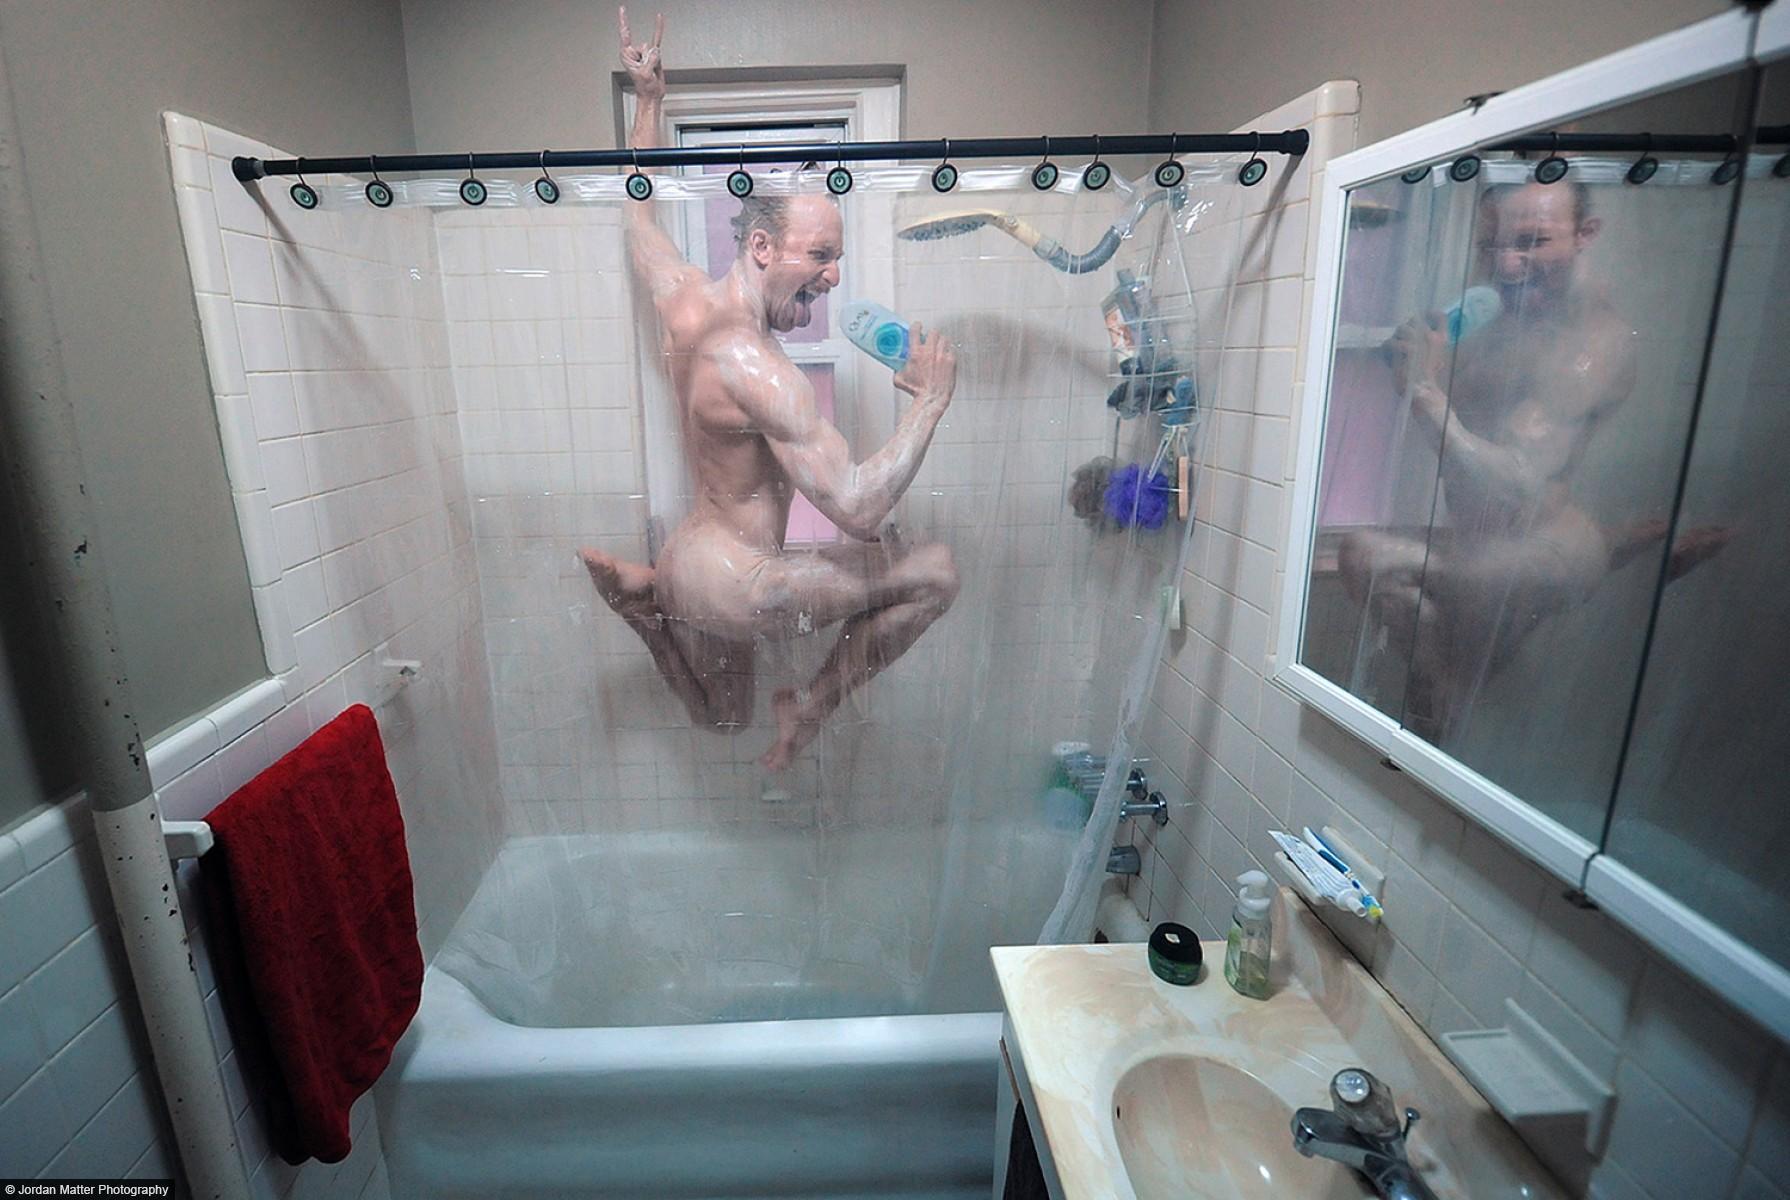 Юные голые девочки в душе 21 фотография